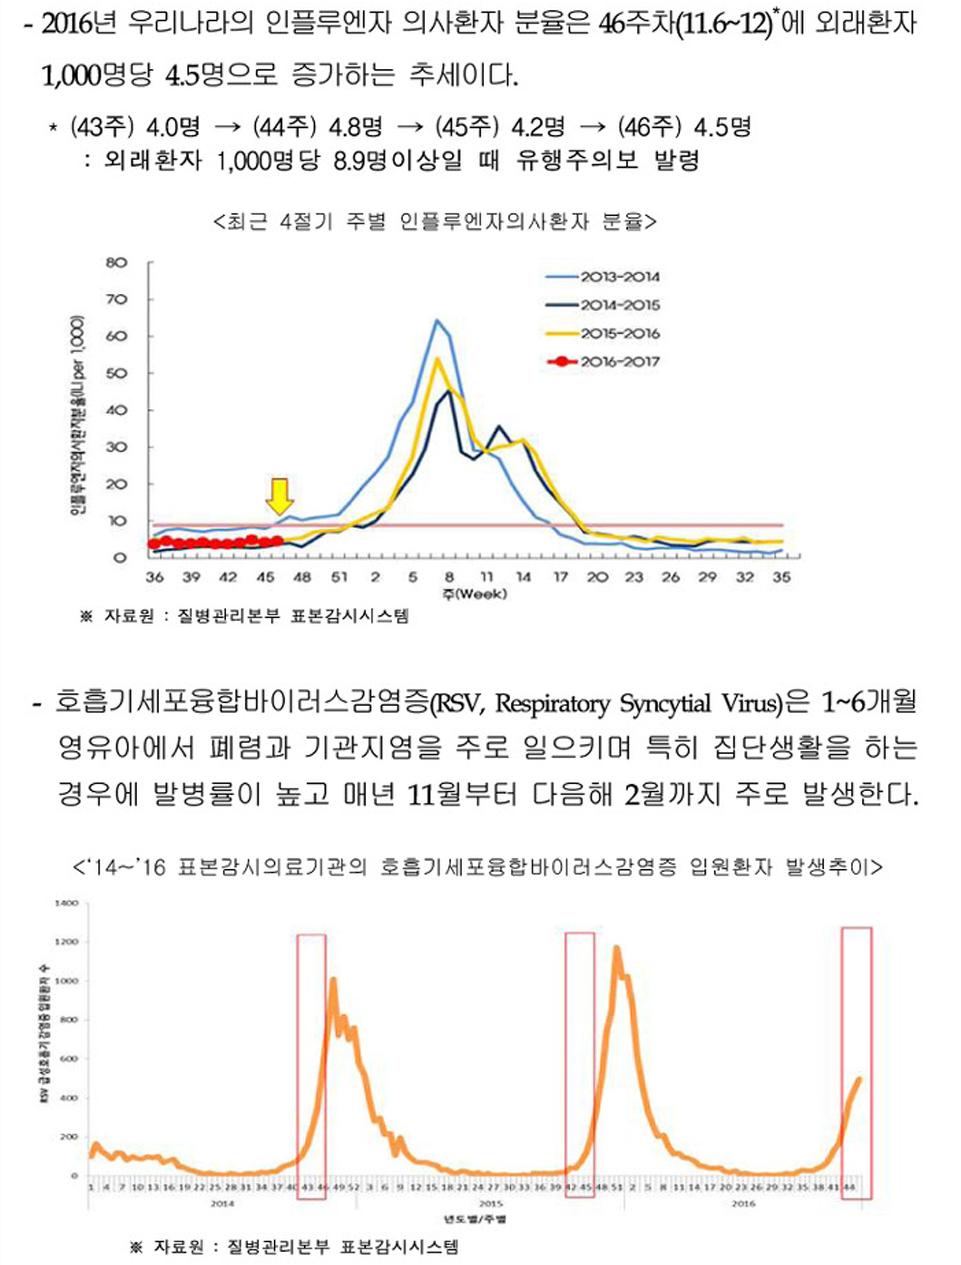 질병관리본부-인플루엔자-통계